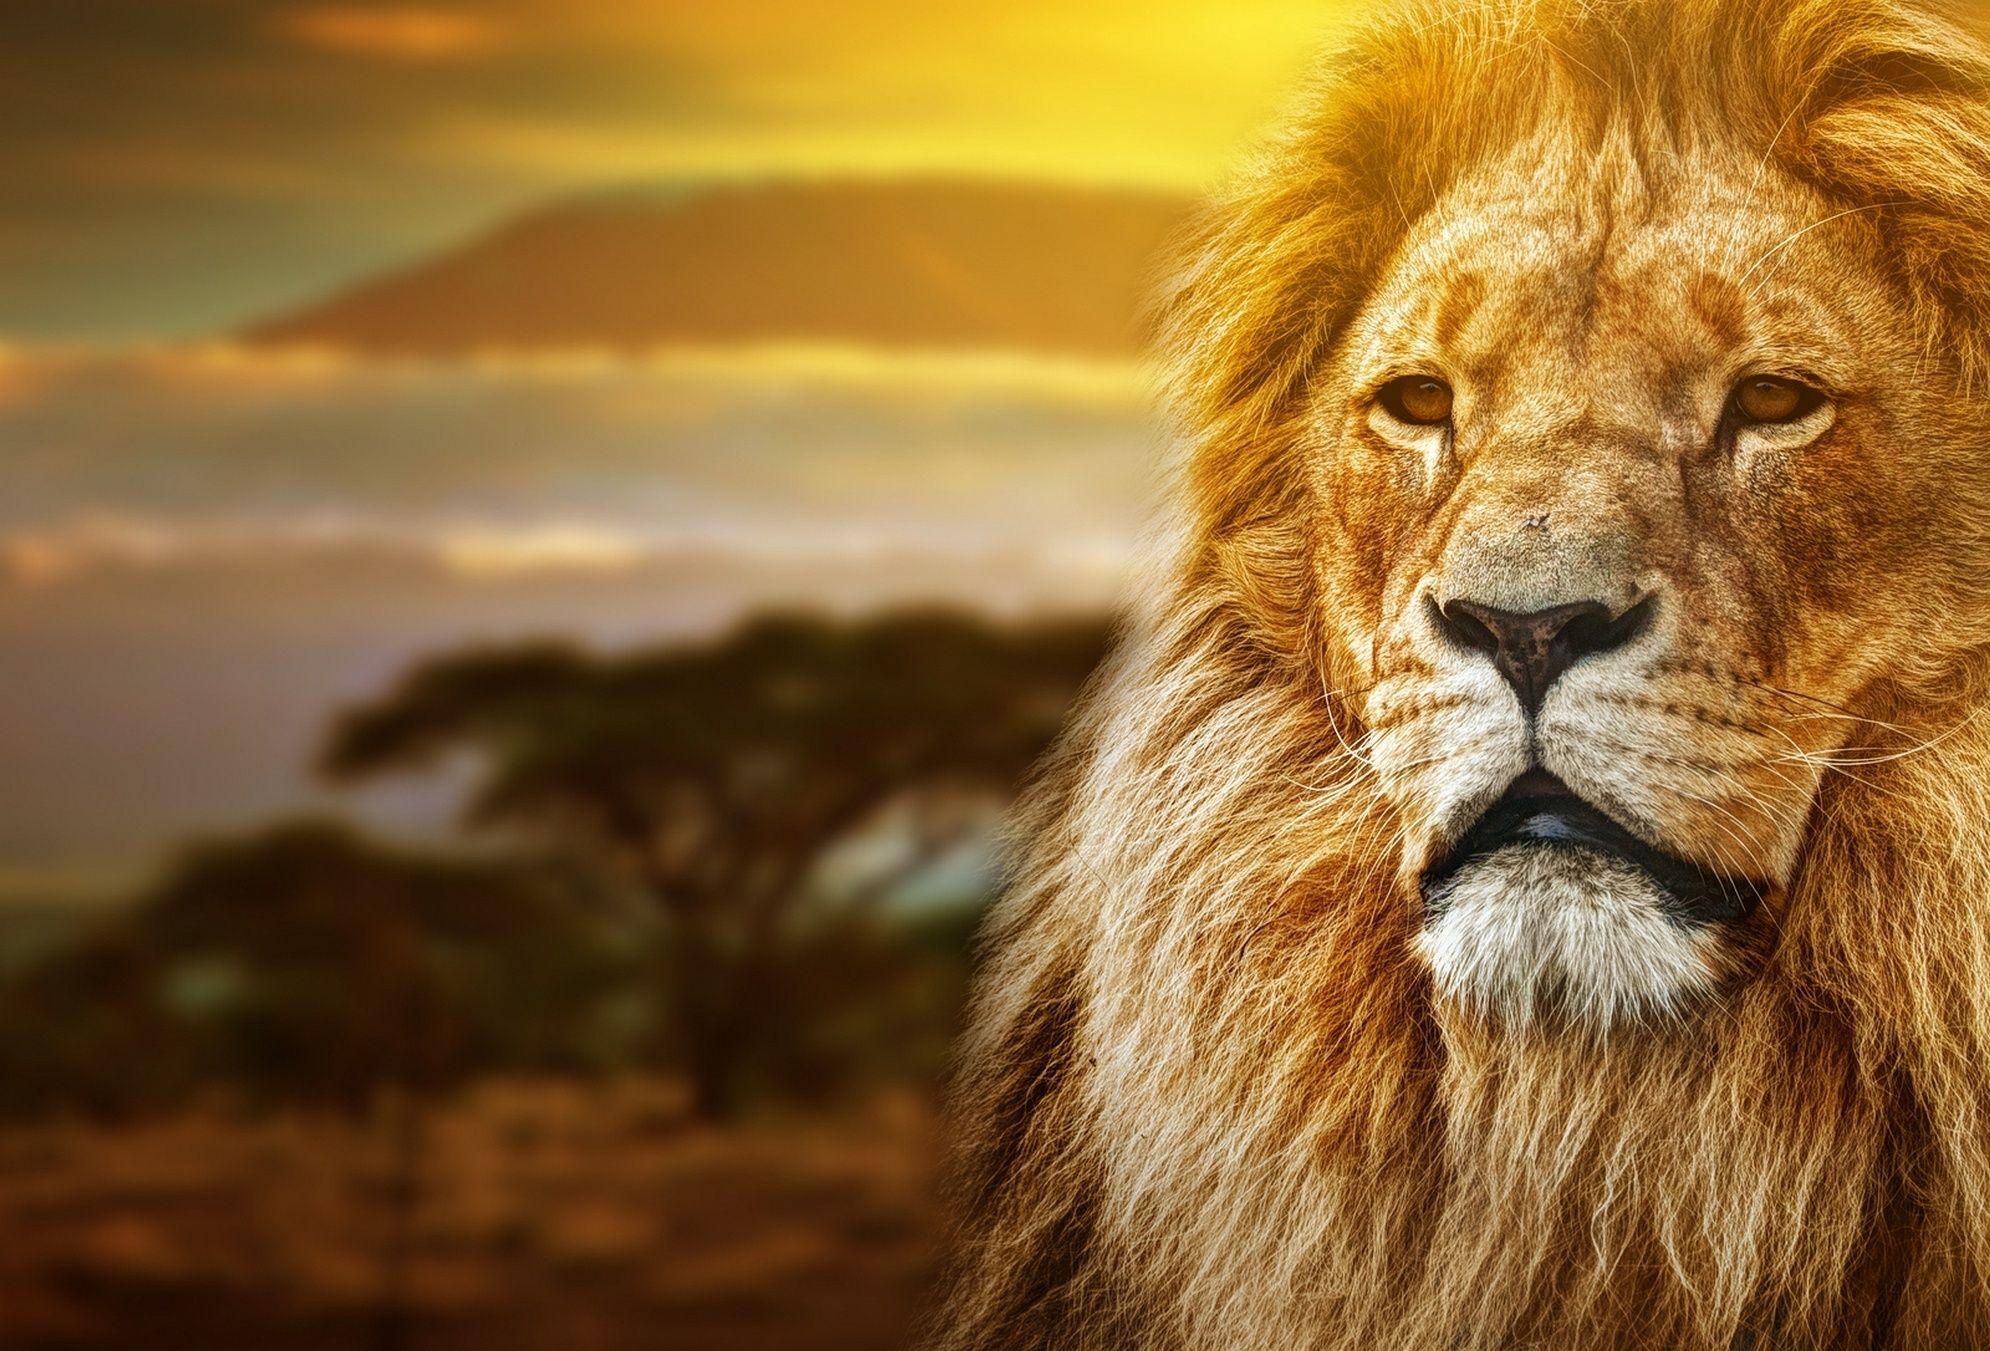 найдите льва на картинке почти всё время